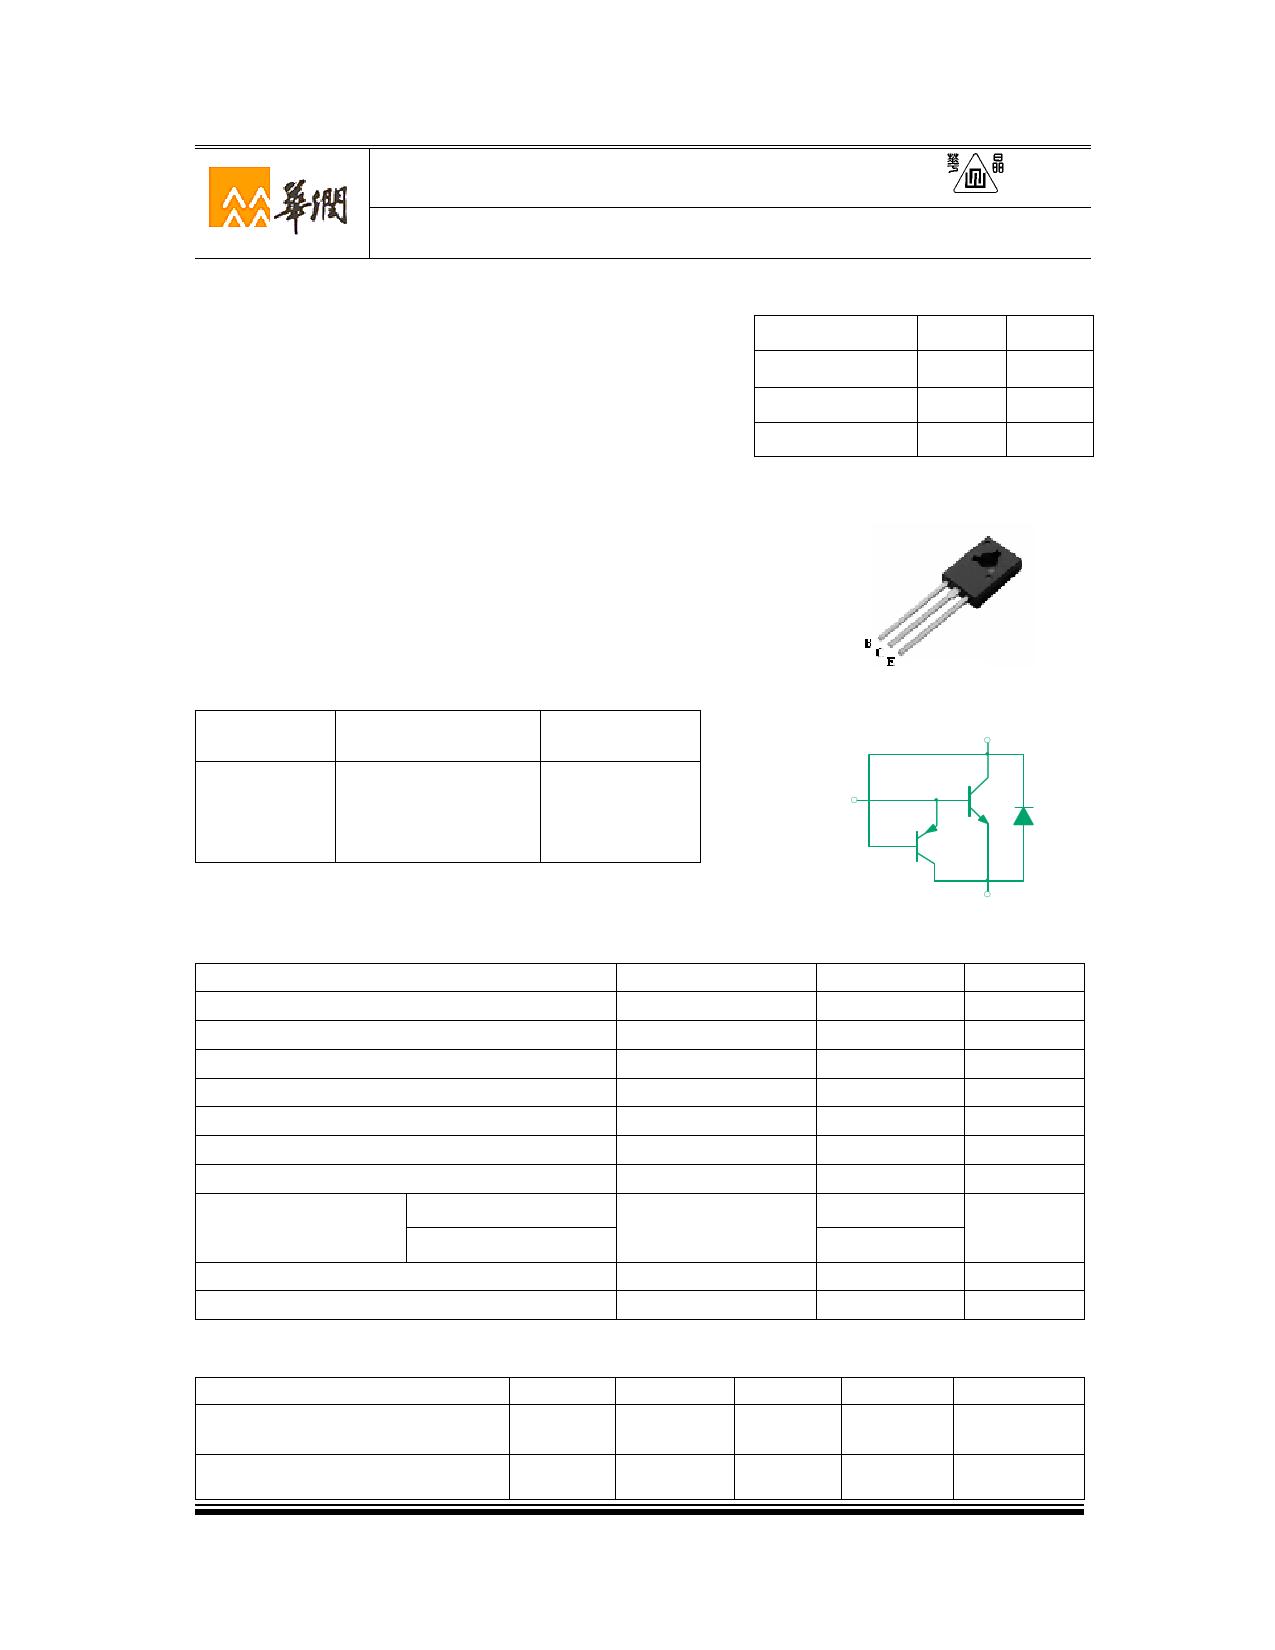 3DD13003H6D Datasheet, 3DD13003H6D PDF,ピン配置, 機能